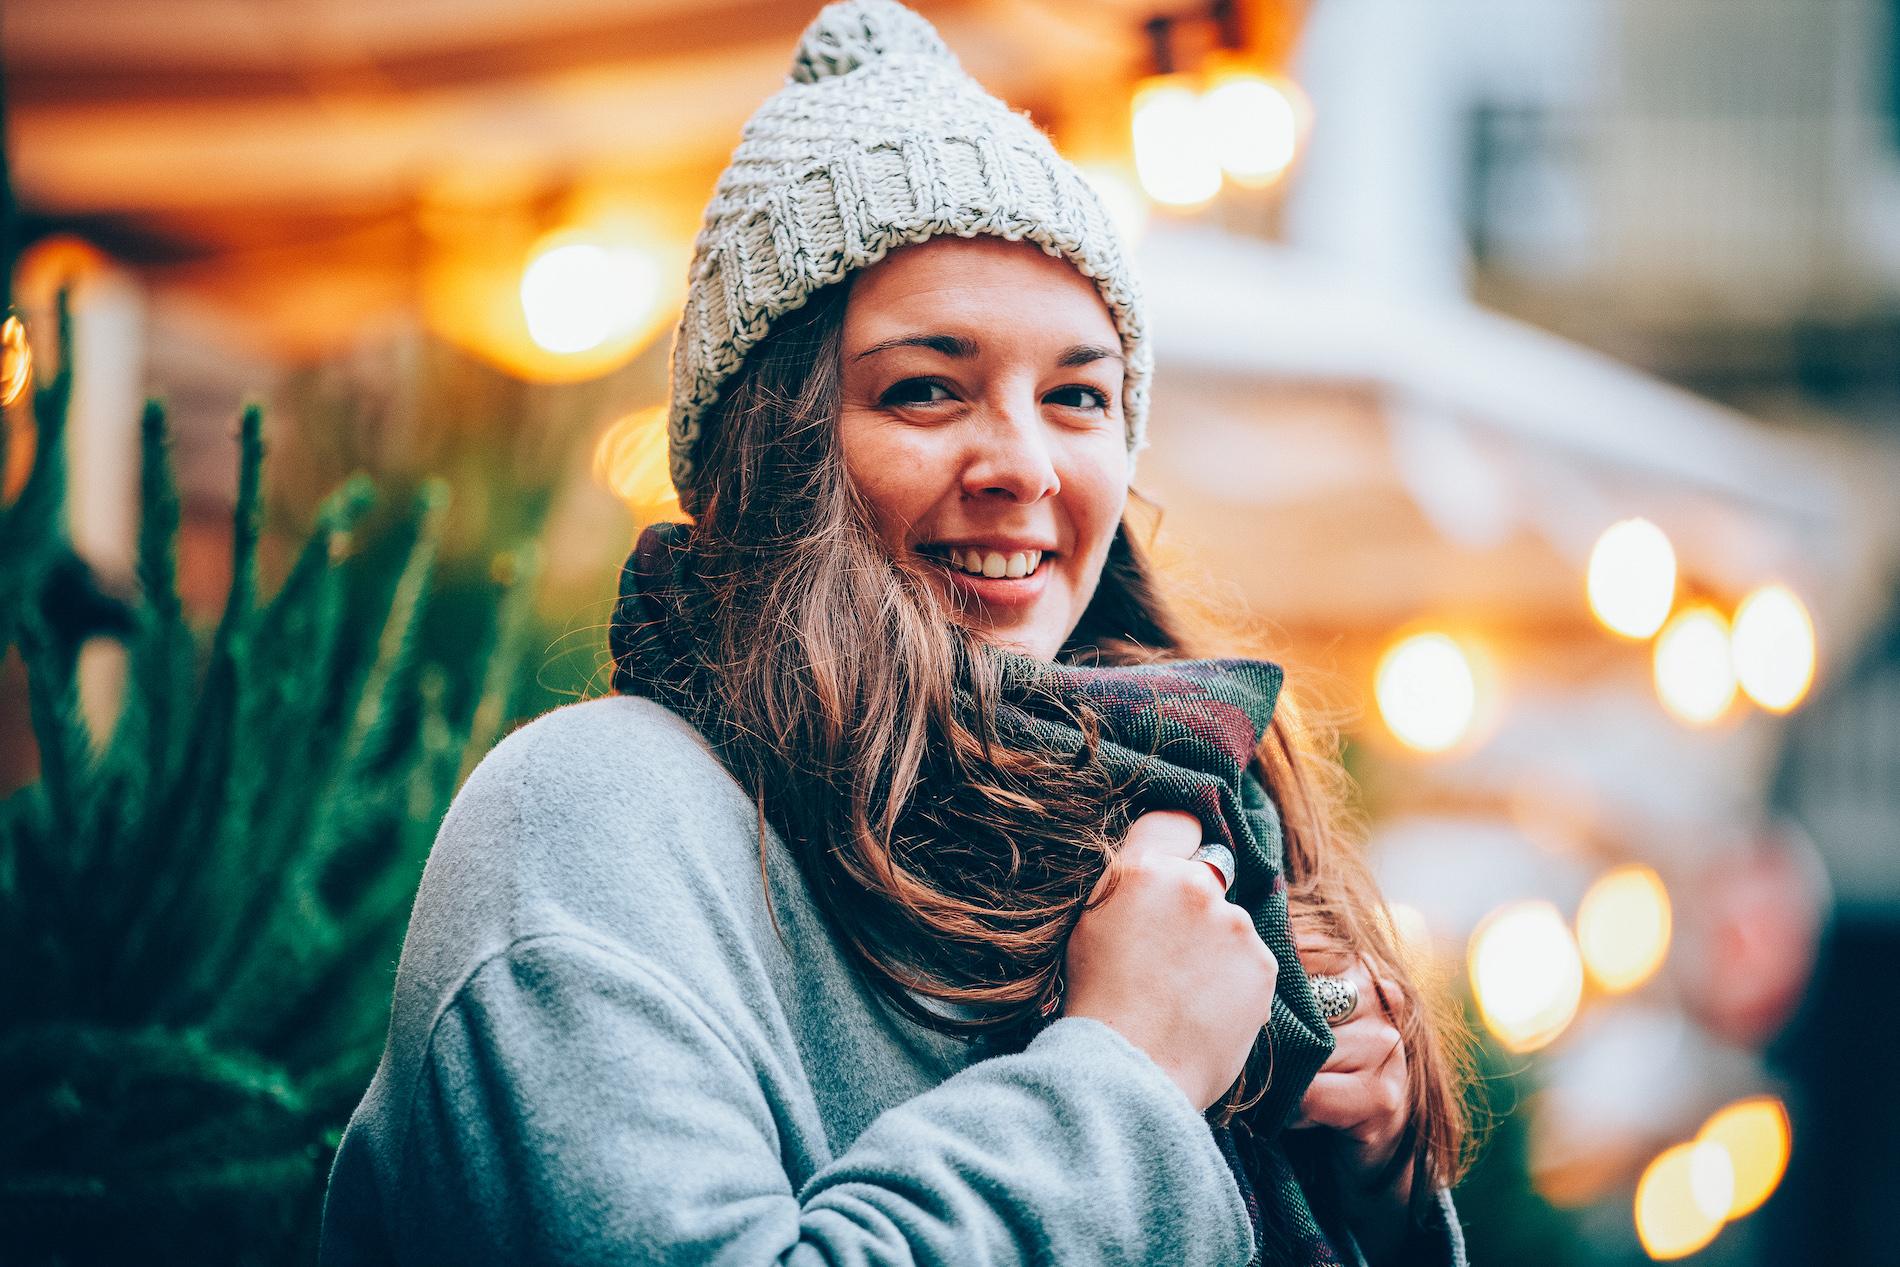 Pourrais-je discuter avec le photographe avant le shooting ? - Durant la réservation de votre séance, vous pourrez détailler vos attentes par rapport au shooting. On s'occupe ensuite de vous trouver le photographe qui correspond le mieux à votre projet. Vous pourrez échanger avec votre photographe par SMS et/ou avec l'équipe EVER par mail si vous avez des questions.